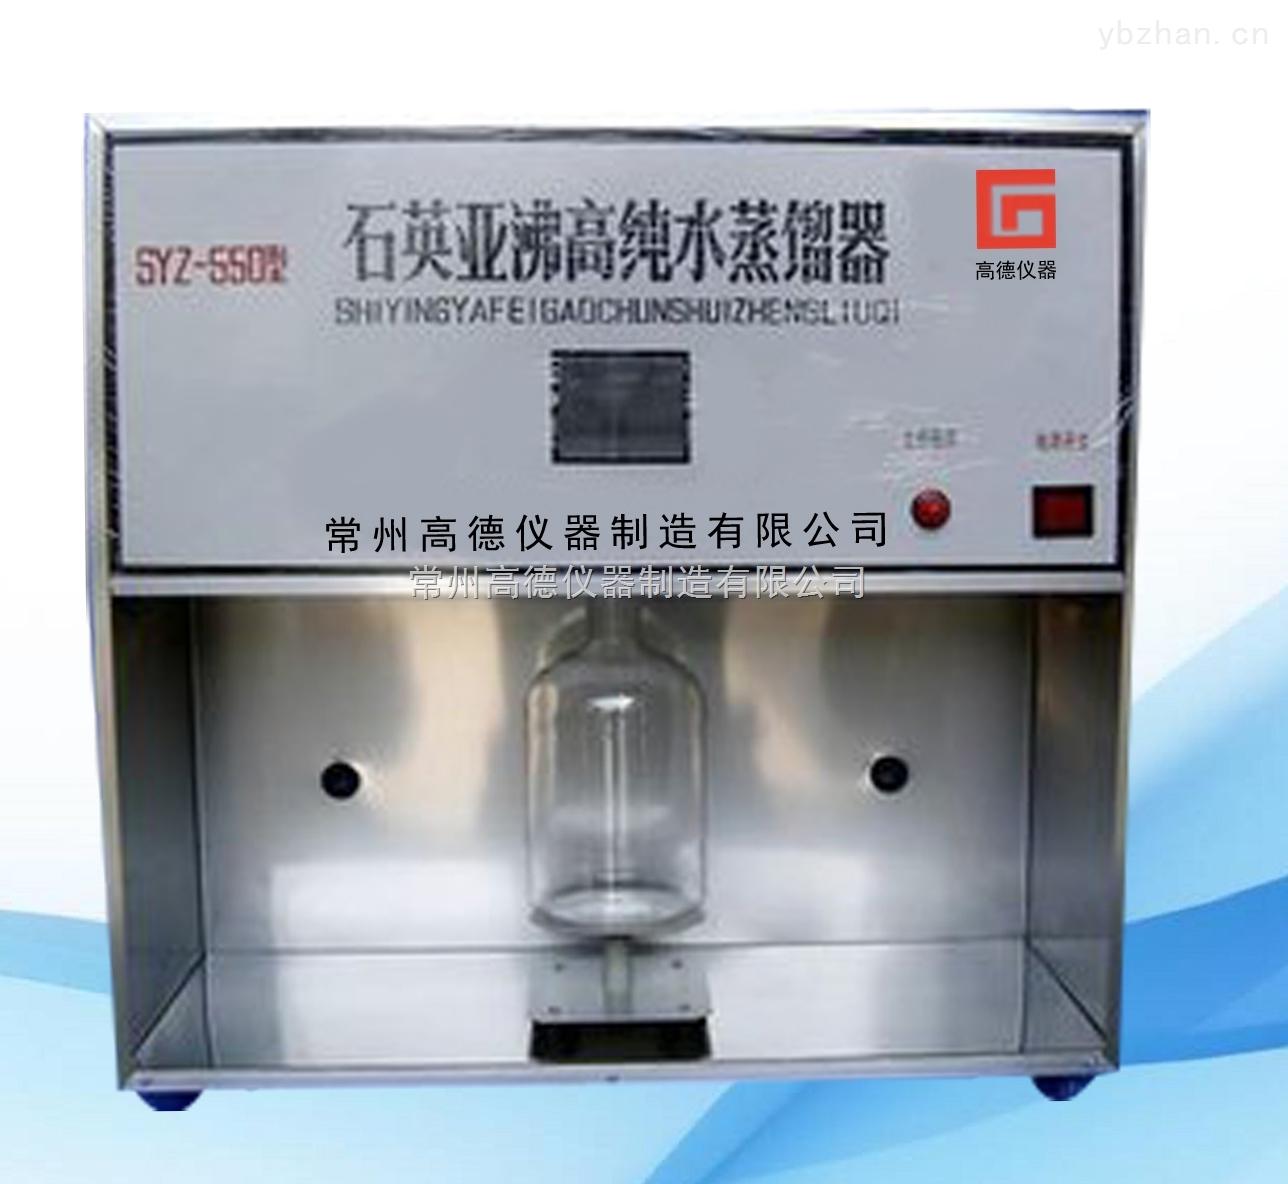 SYZ-550石英亚沸蒸馏器